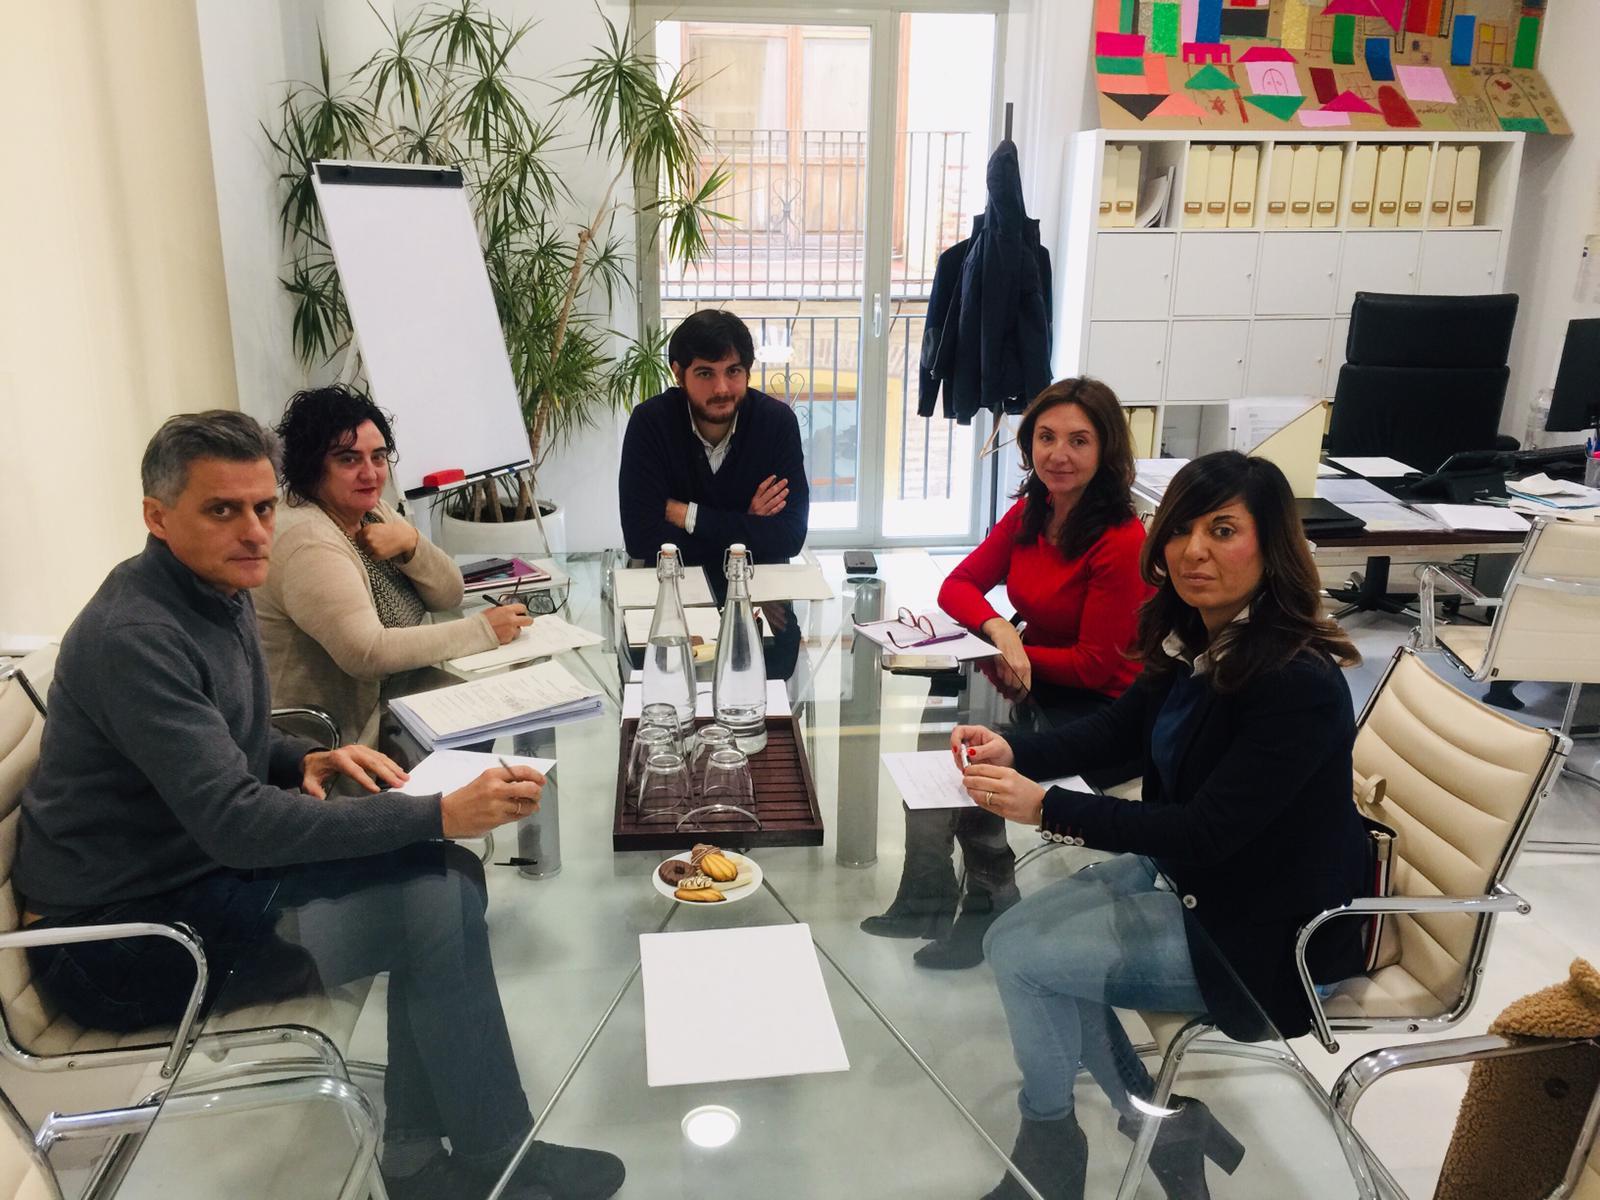 La Generalitat tiene previsto iniciar este verano las obras de mejora de elementos comunes del grupo de vivienda pública de Riba-roja de Túria